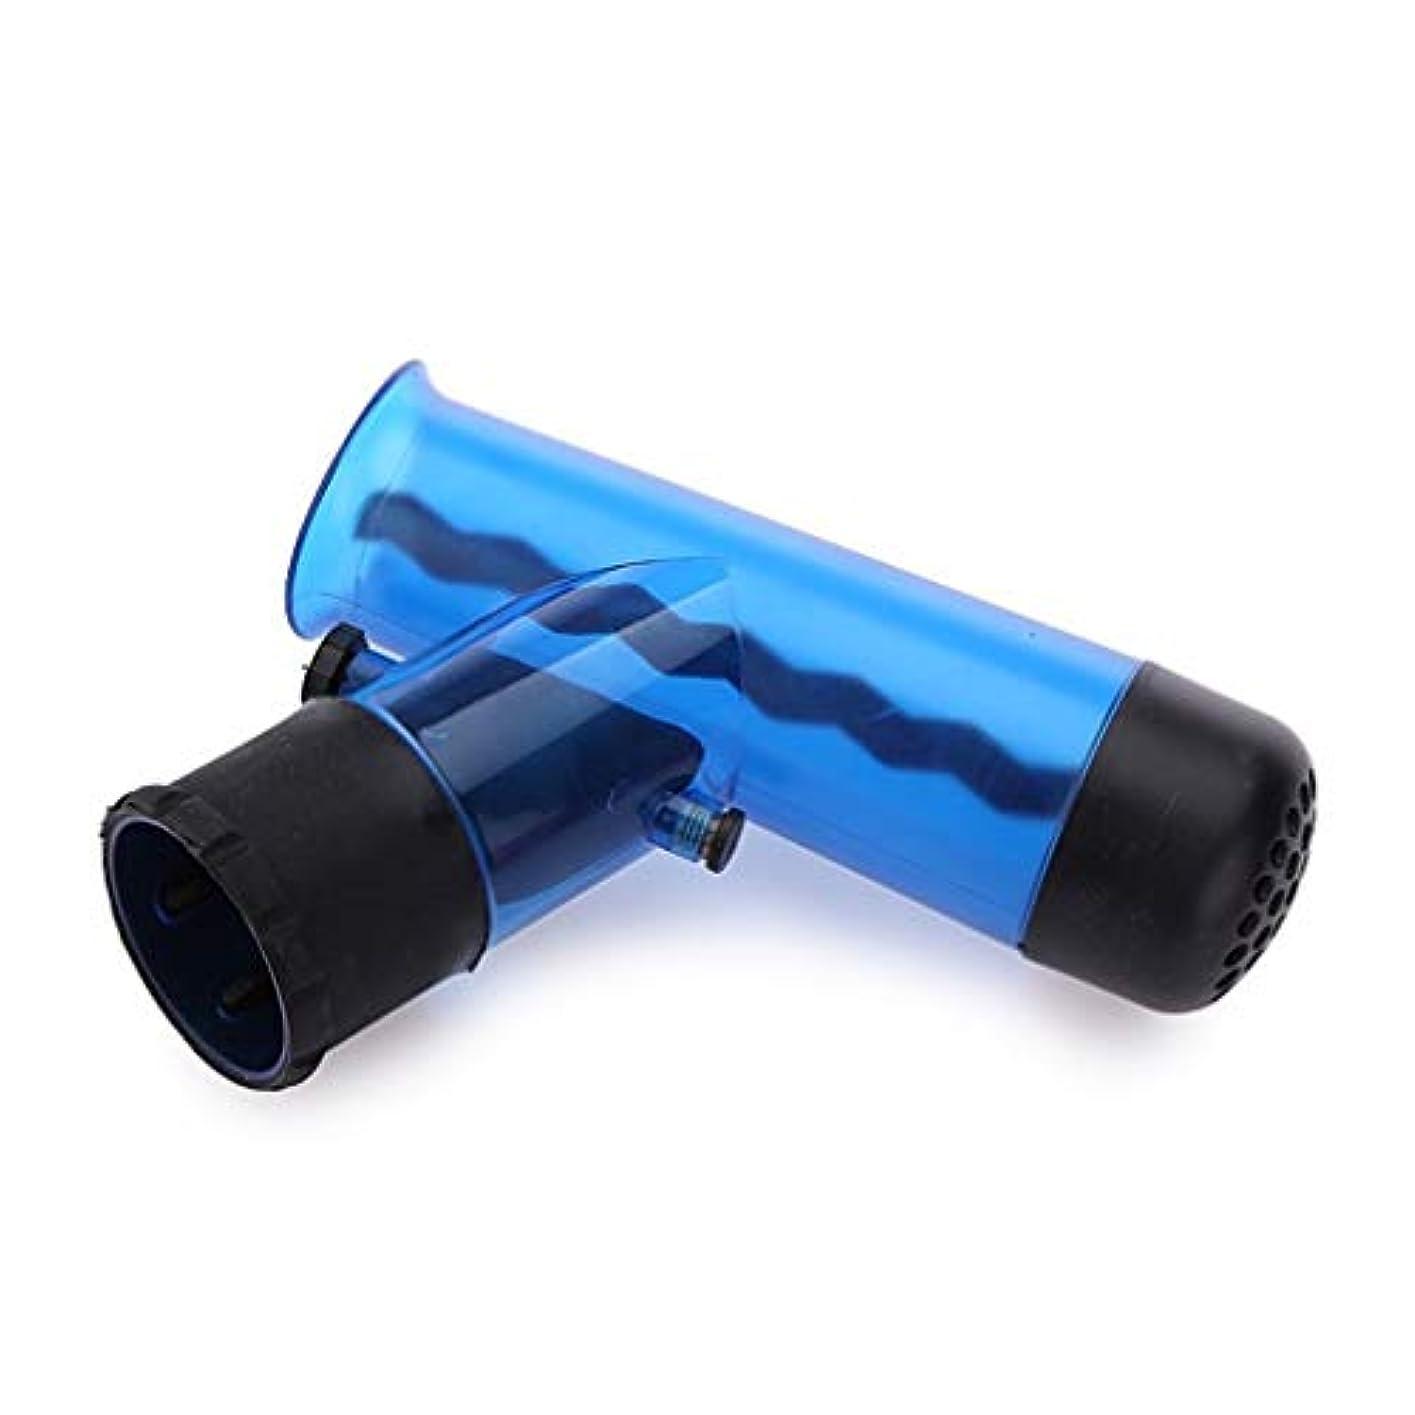 あからさまアレルギー性変位Jiashenghuang ポータブルサイズヘアドライヤーディフューザーマジック風回転取り外し可能なドライブローヘアディフューザーローラーカーラー女性ヘアスタイリングツール (Color : Blue)